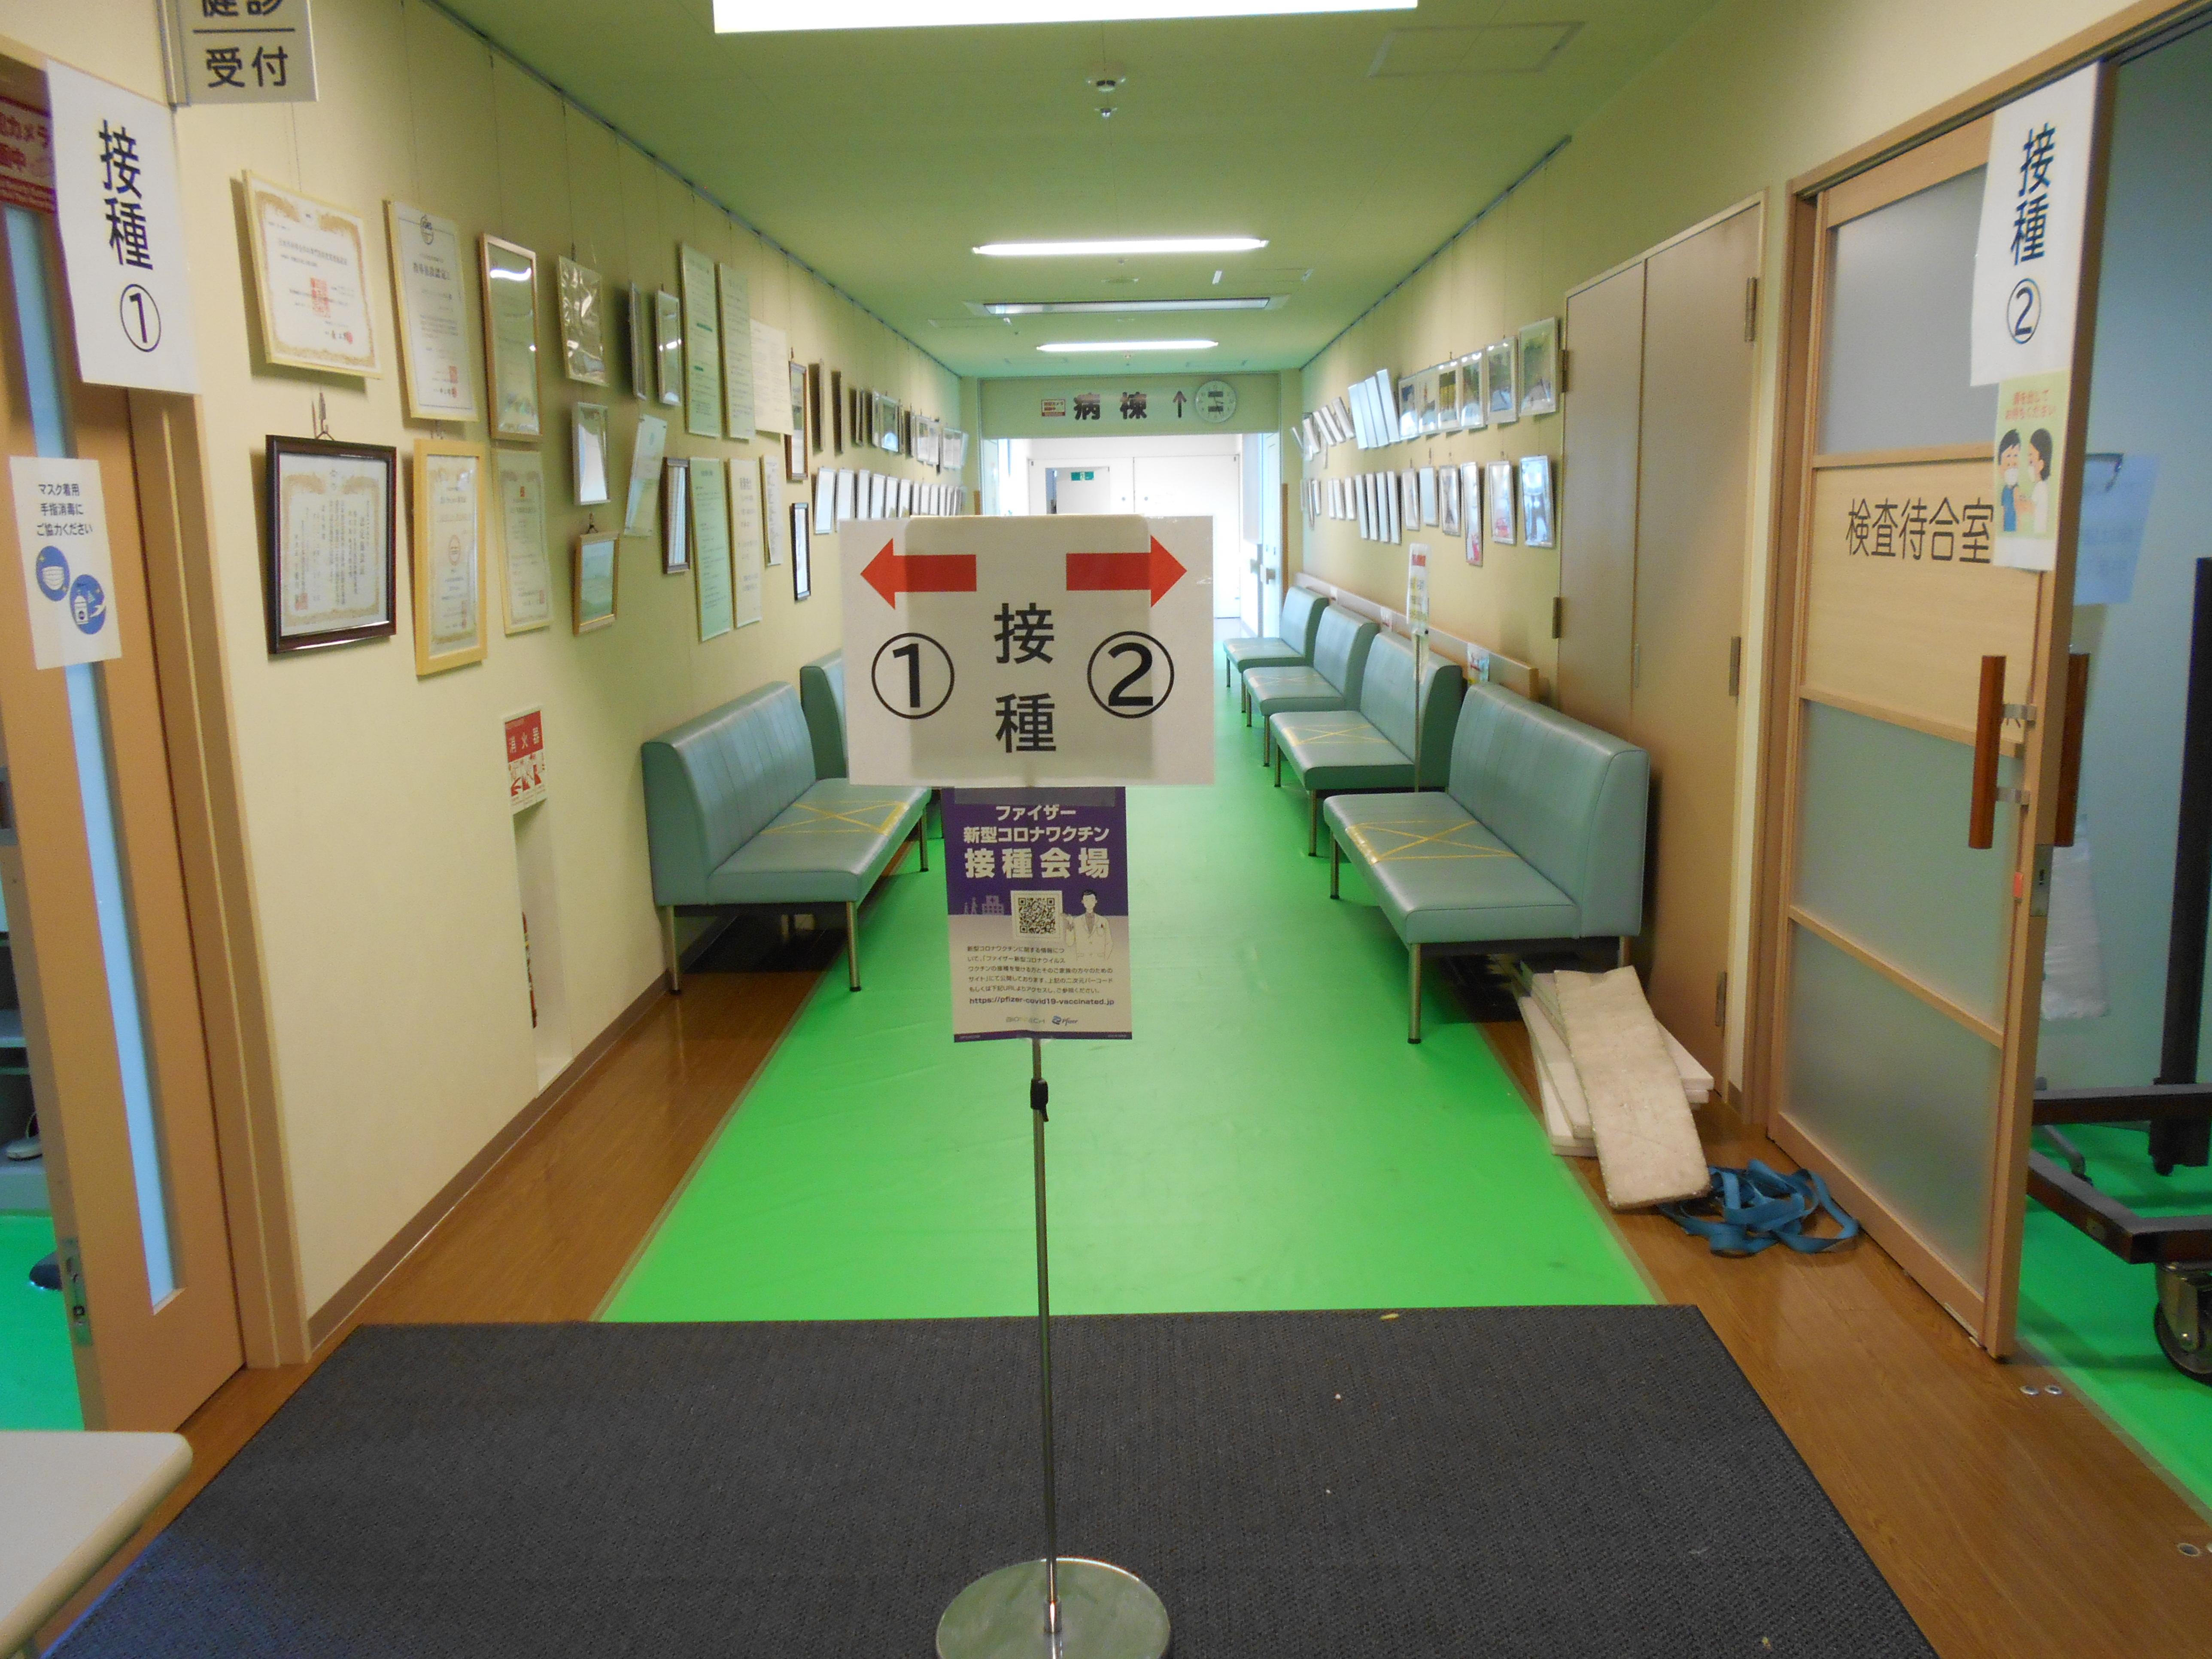 https://www.chichibu-med.jp/news/DSCN3271.JPG